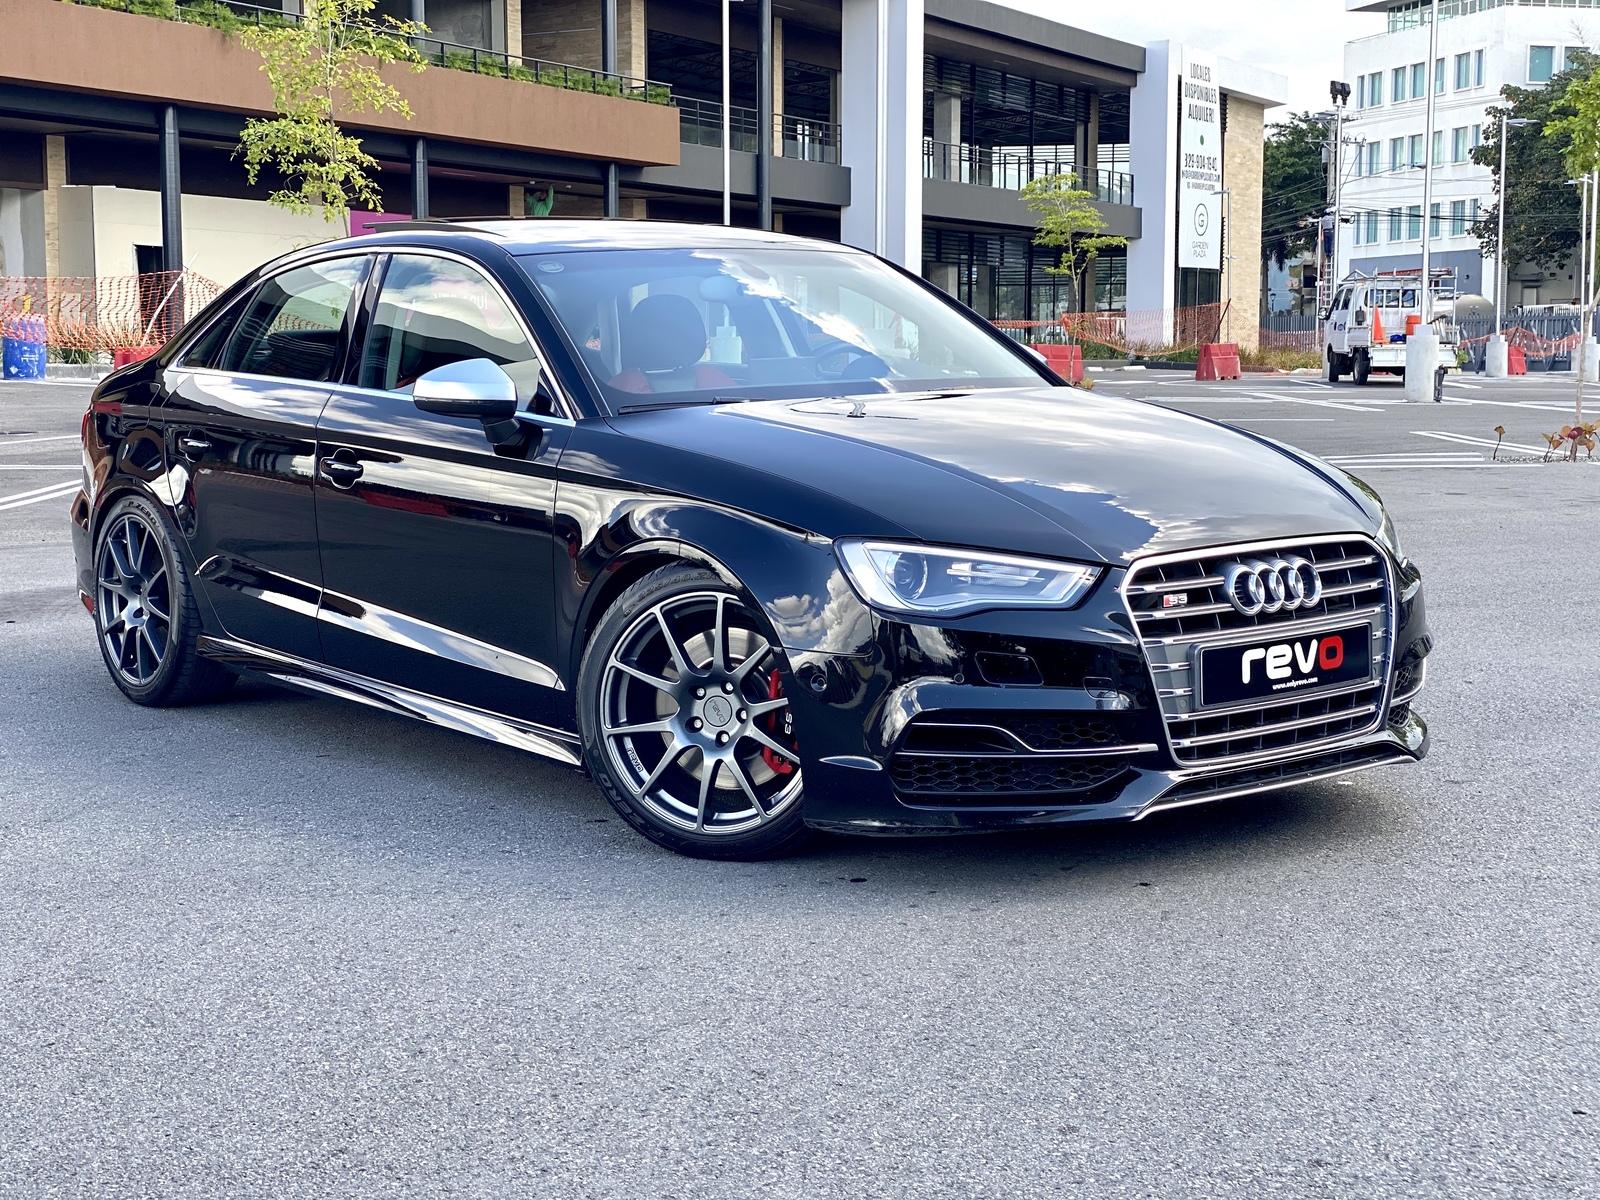 Kelebihan Kekurangan Audi S3 2015 Harga